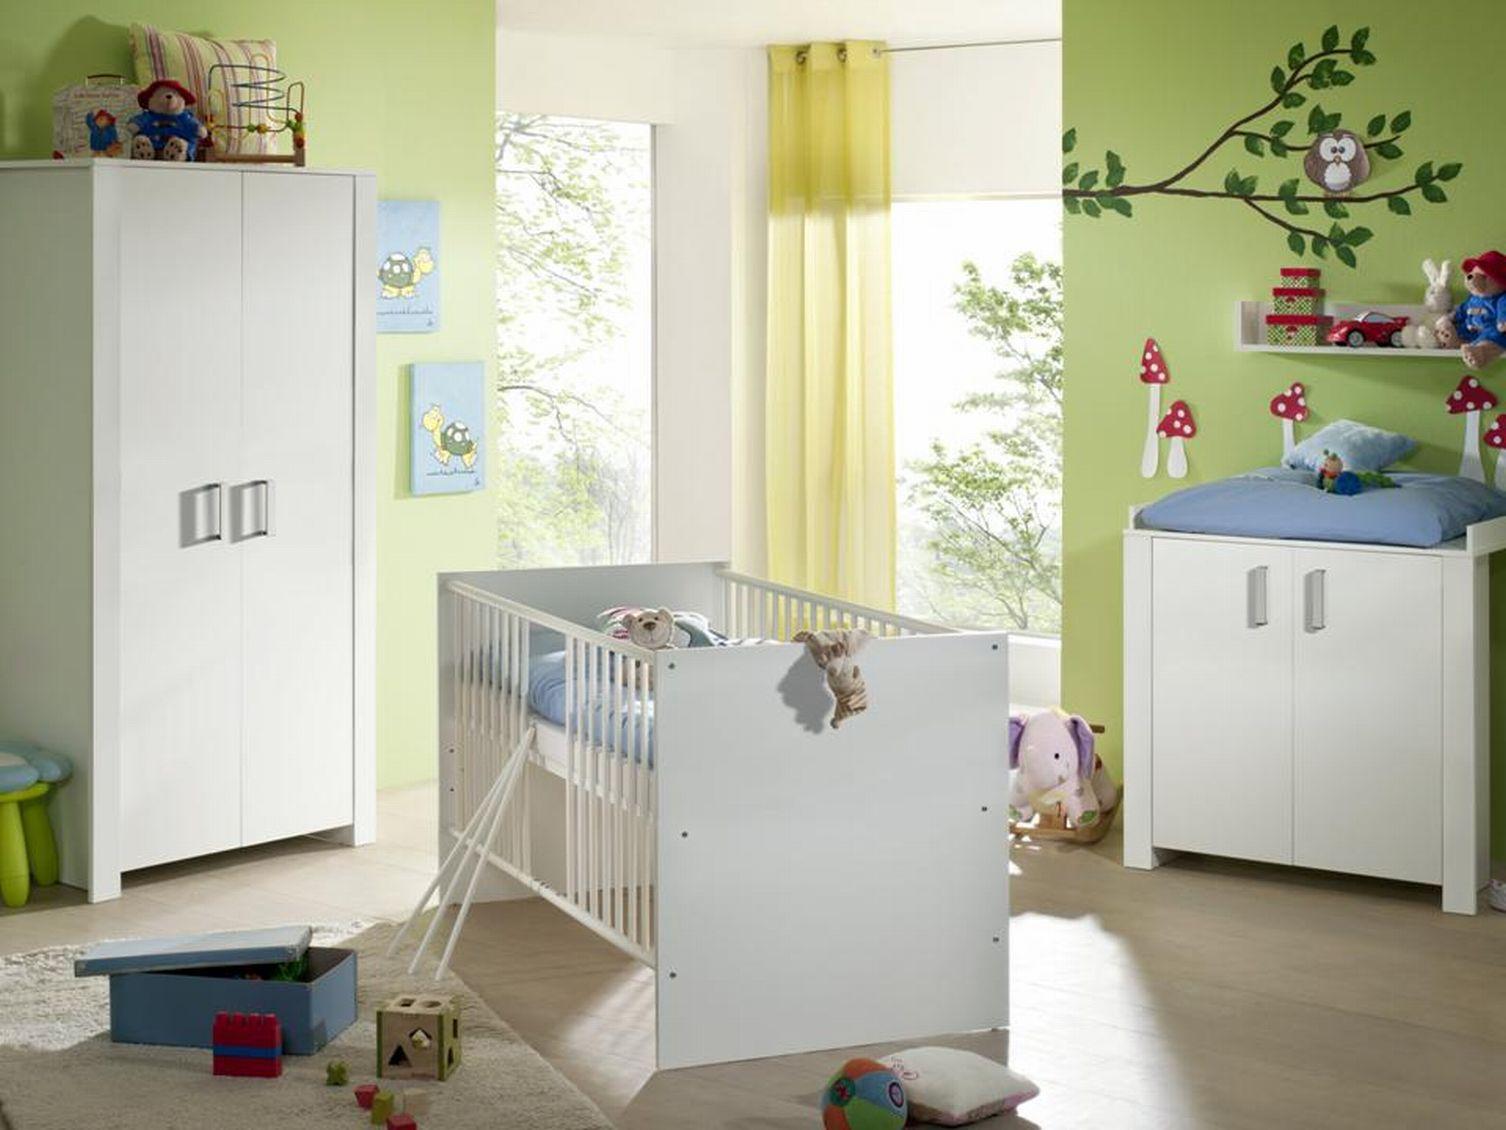 babyzimmer komplett baby ausstattung kinderzimmer babym bel babybett neu set. Black Bedroom Furniture Sets. Home Design Ideas